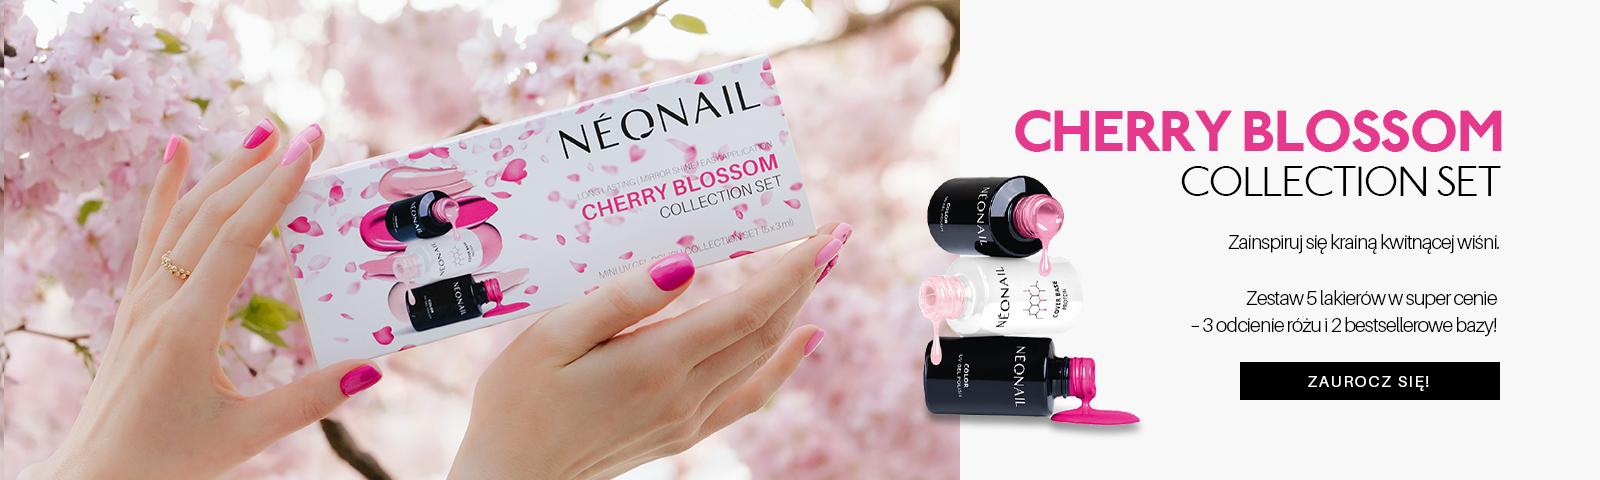 Zestaw Cherry blossom Postaw na zestaw 5x3ml lakierów3 odcienie różu i 2 bazy!  ODKRYWAM!